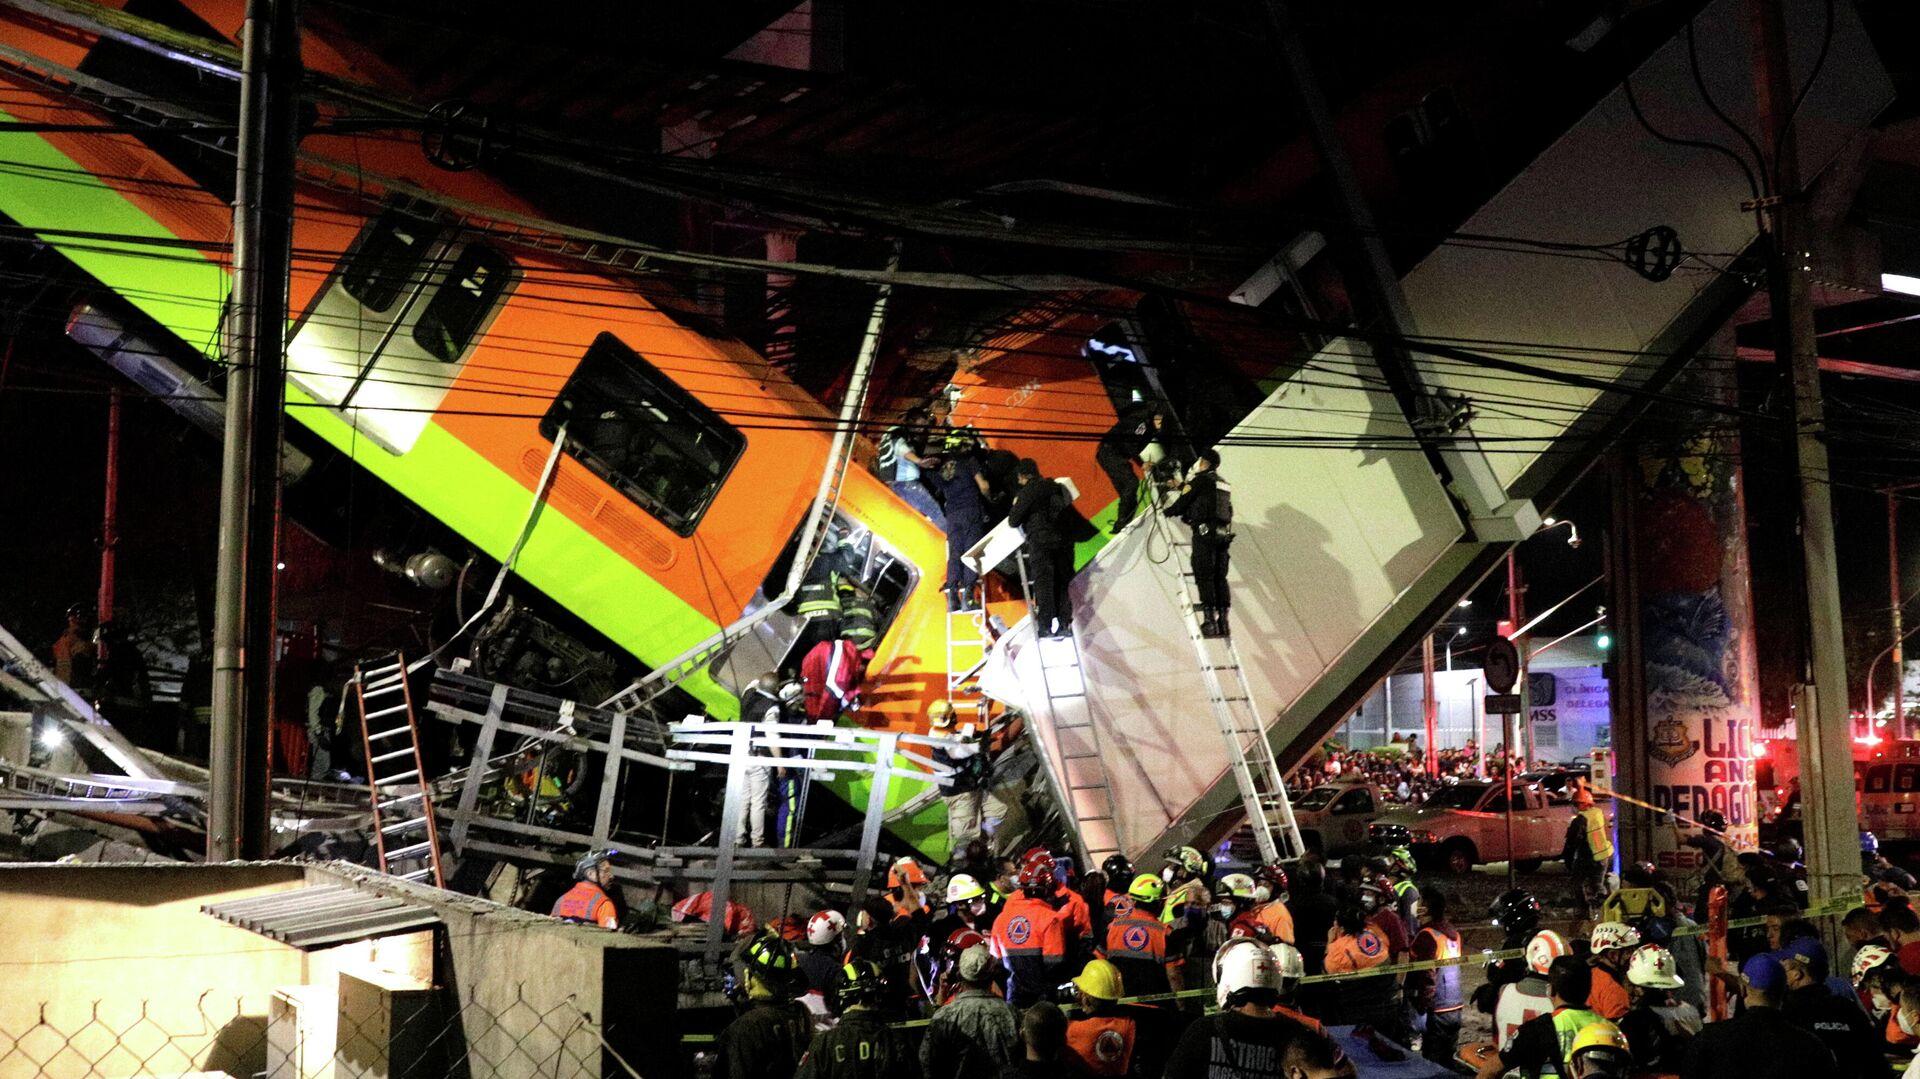 Desploma convoy del Metro; preliminar varios muertos y heridos